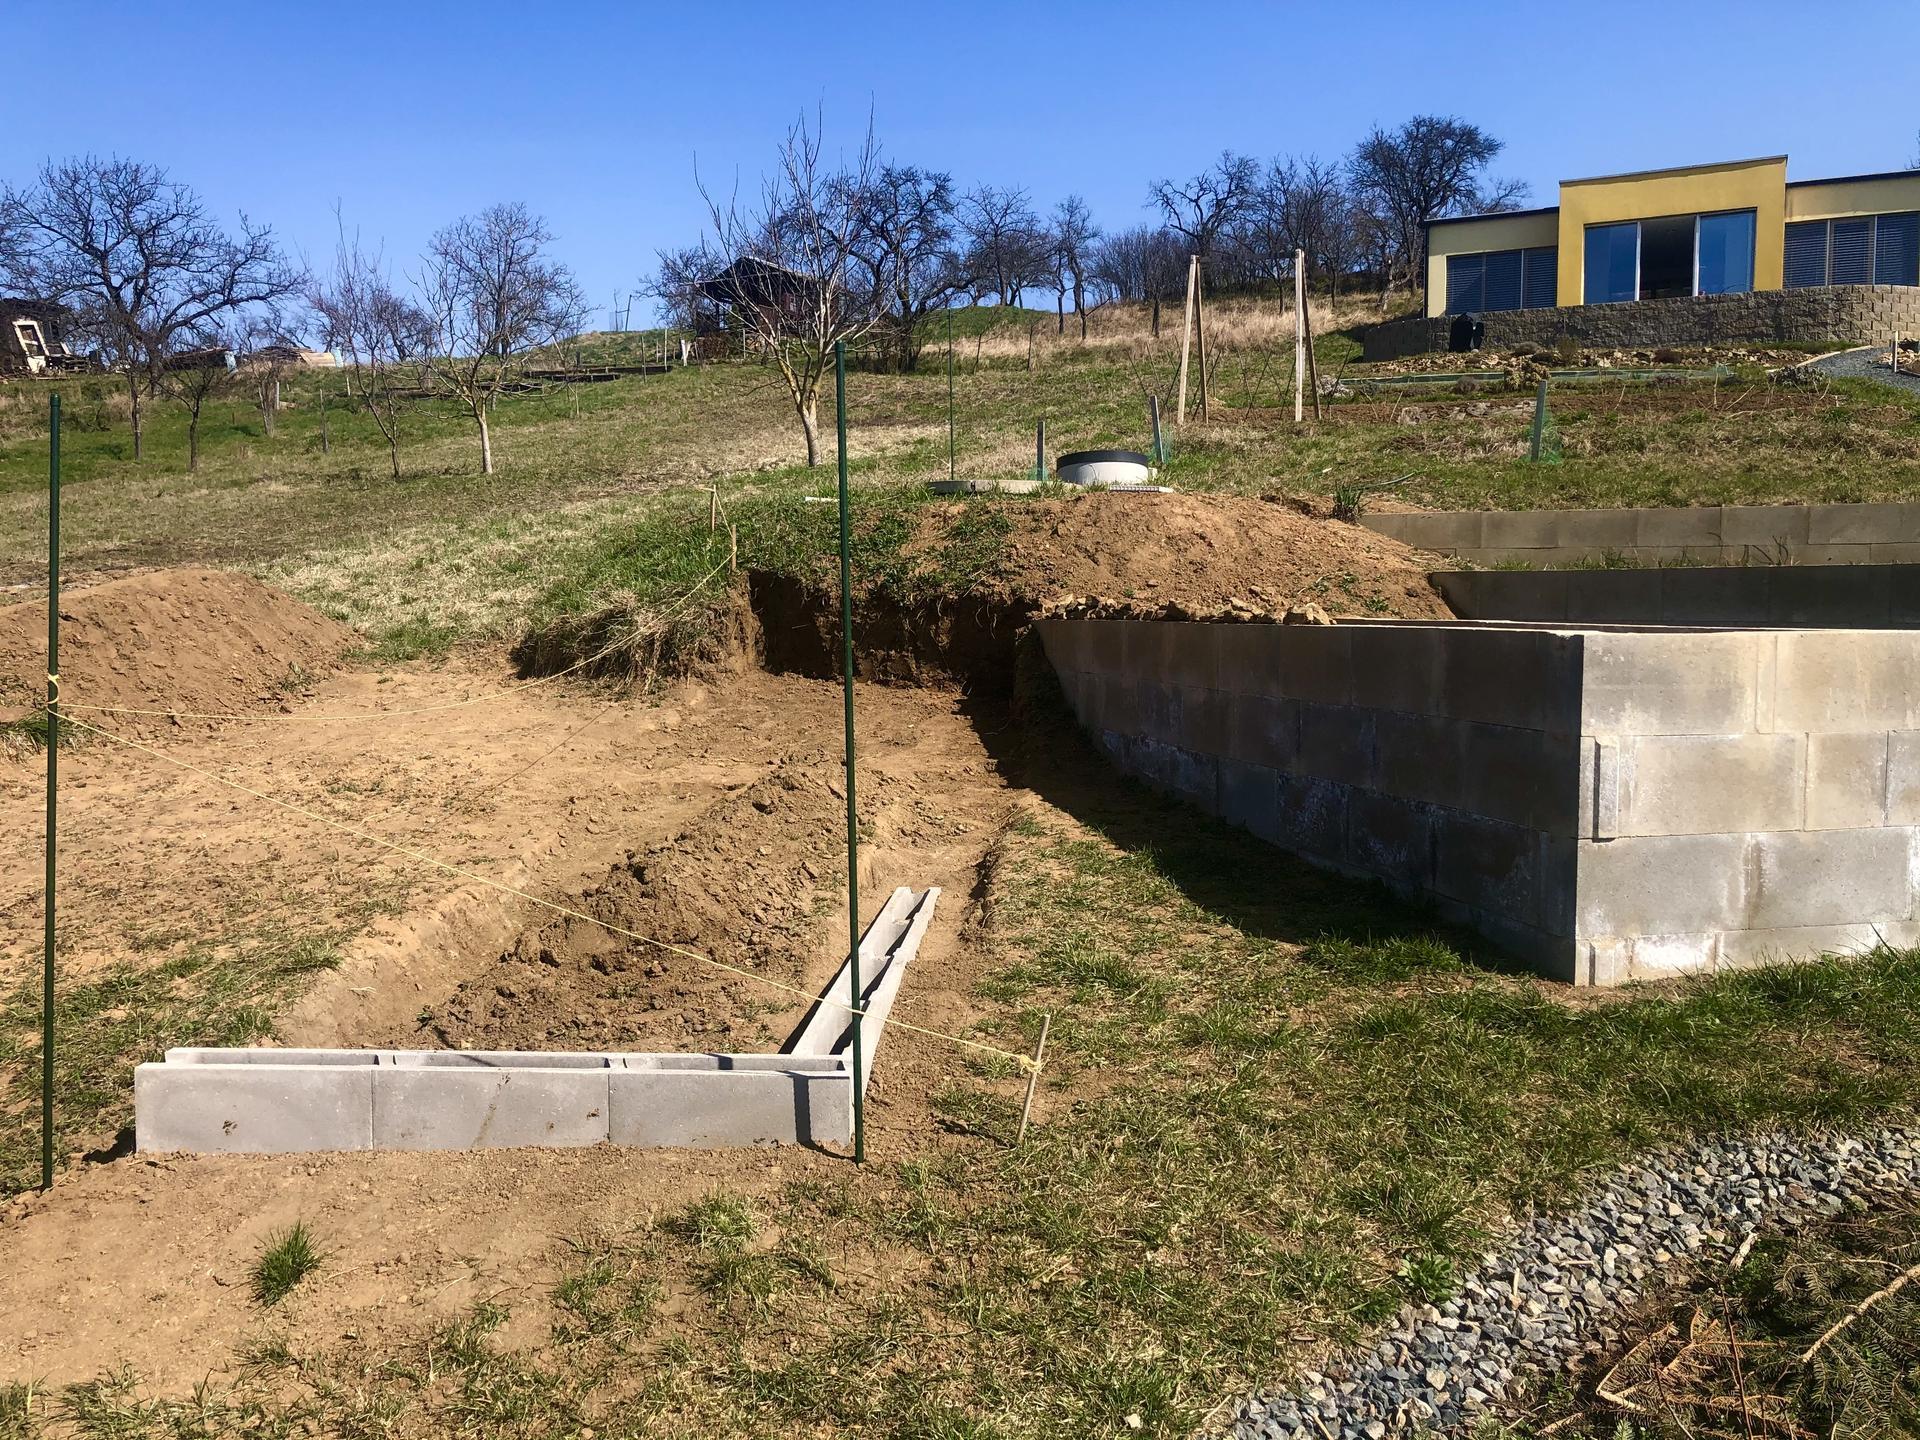 Skřítčí zahrada 2021 - Březen 2021 - tento rok jsou v plánu dva další vyvýšené záhony, na prvním už jsem začala makat